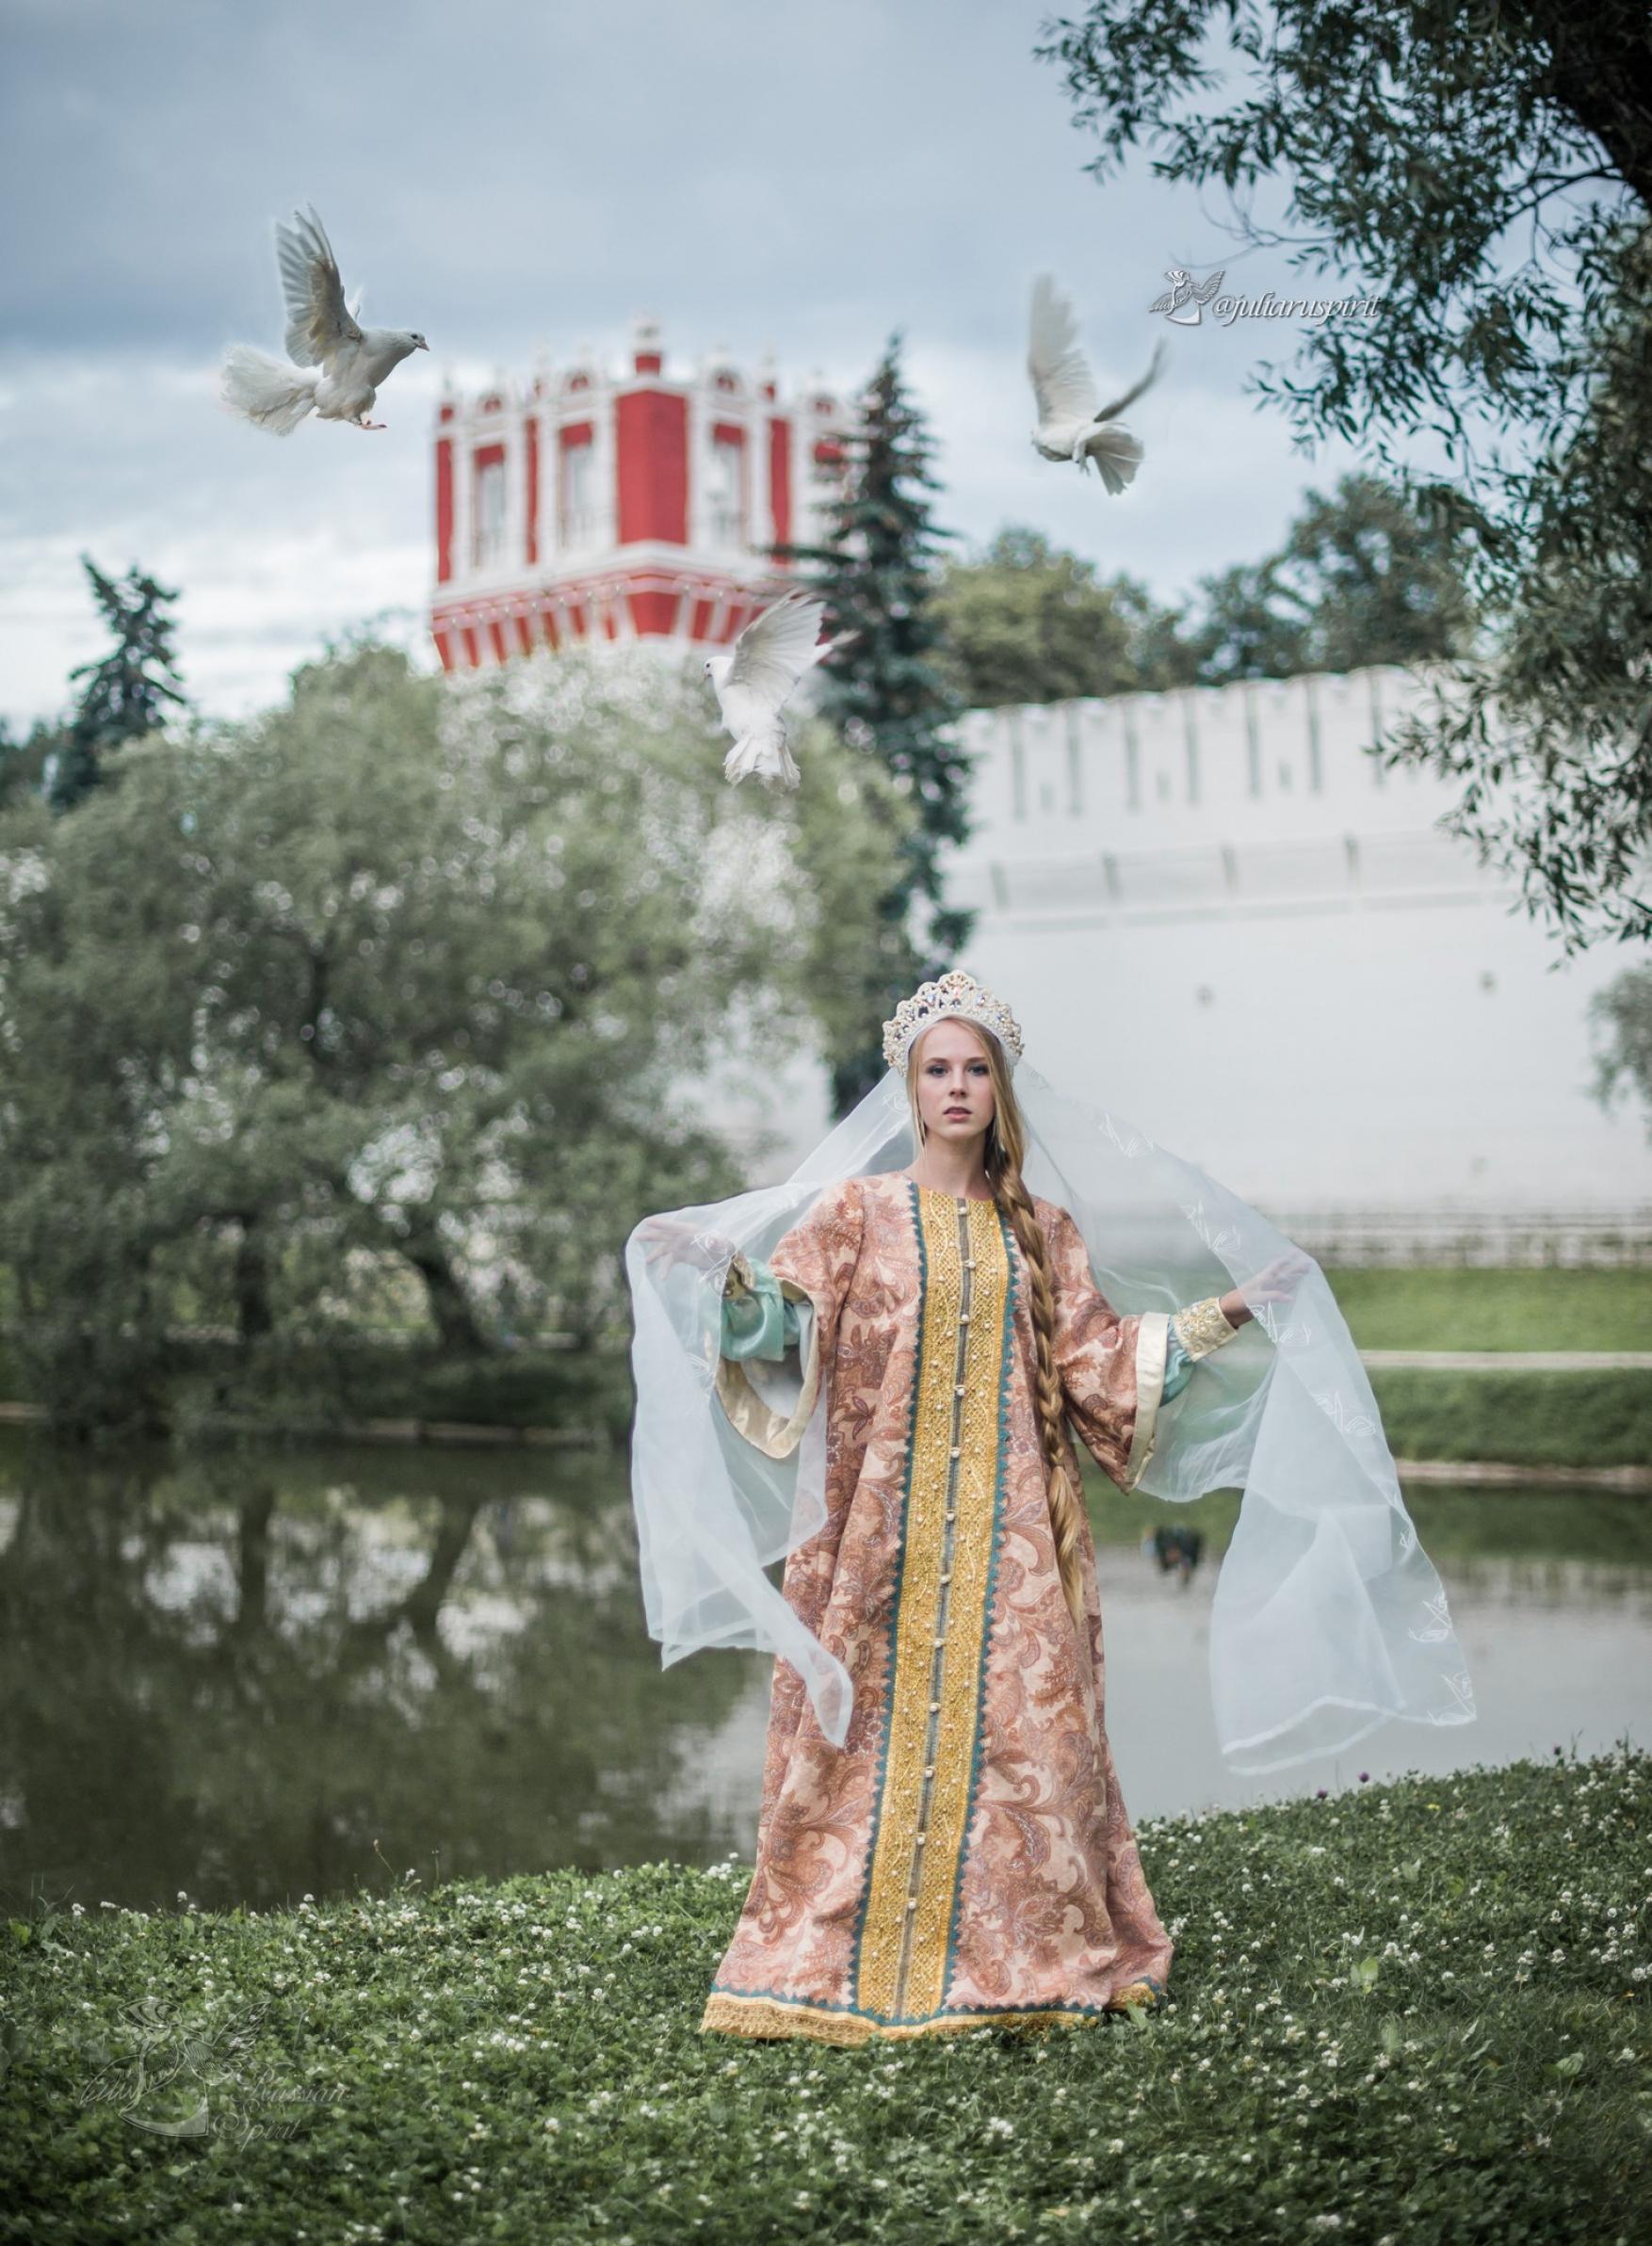 девушка в костюме царевны на фоне измайловского кремля